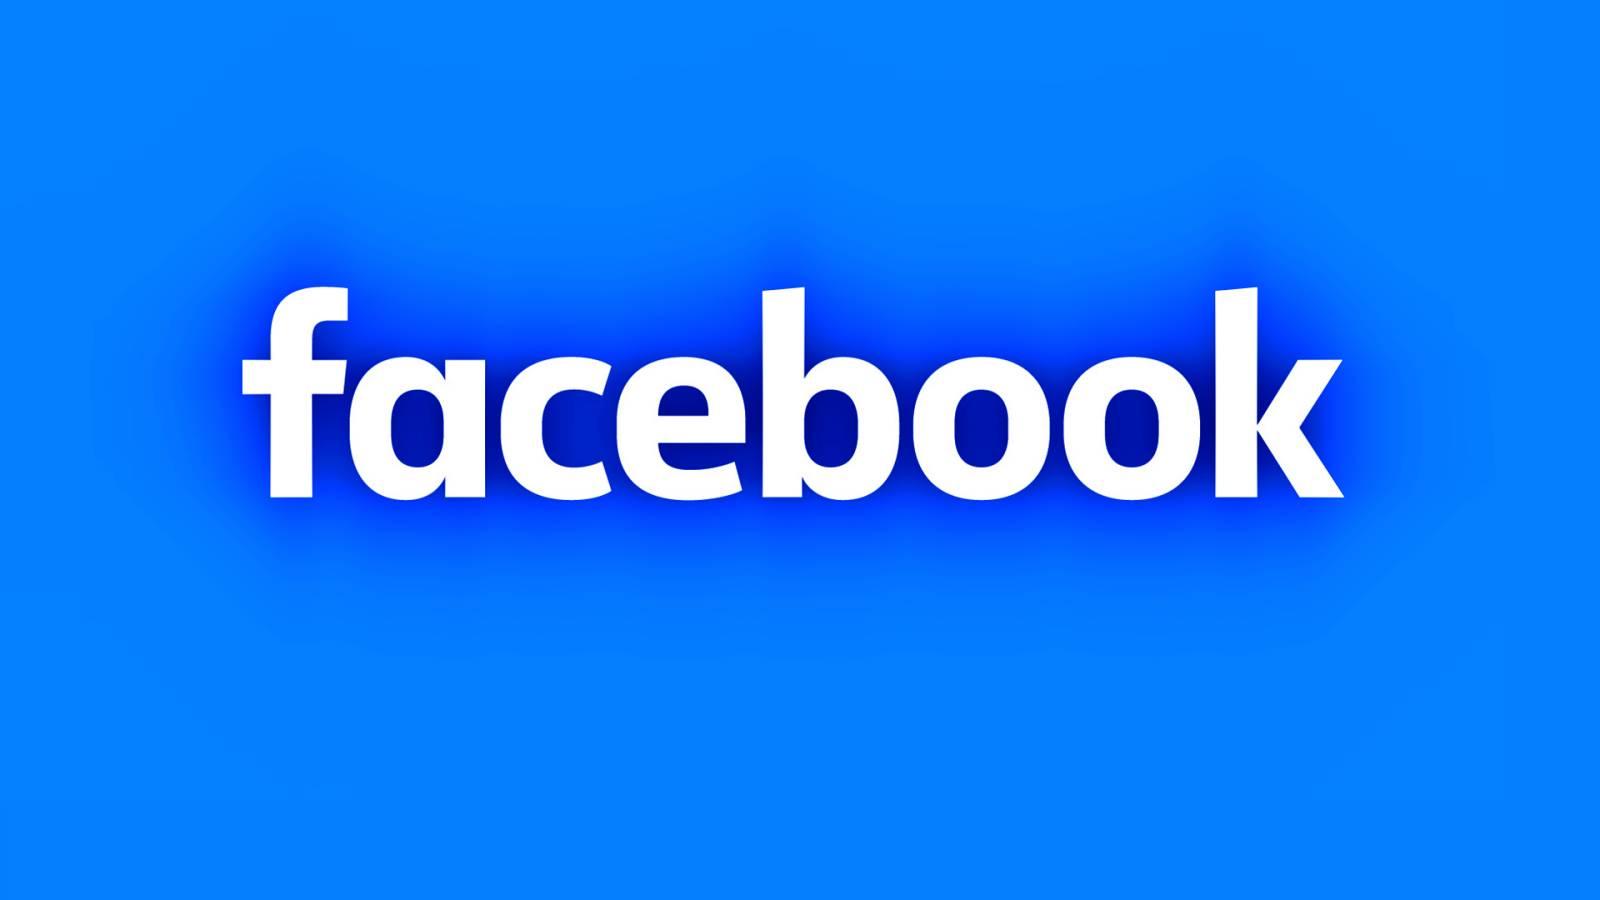 Facebook Messenger Actualizarea Noua, ce Schimbari Vin pentru Telefoane Acum